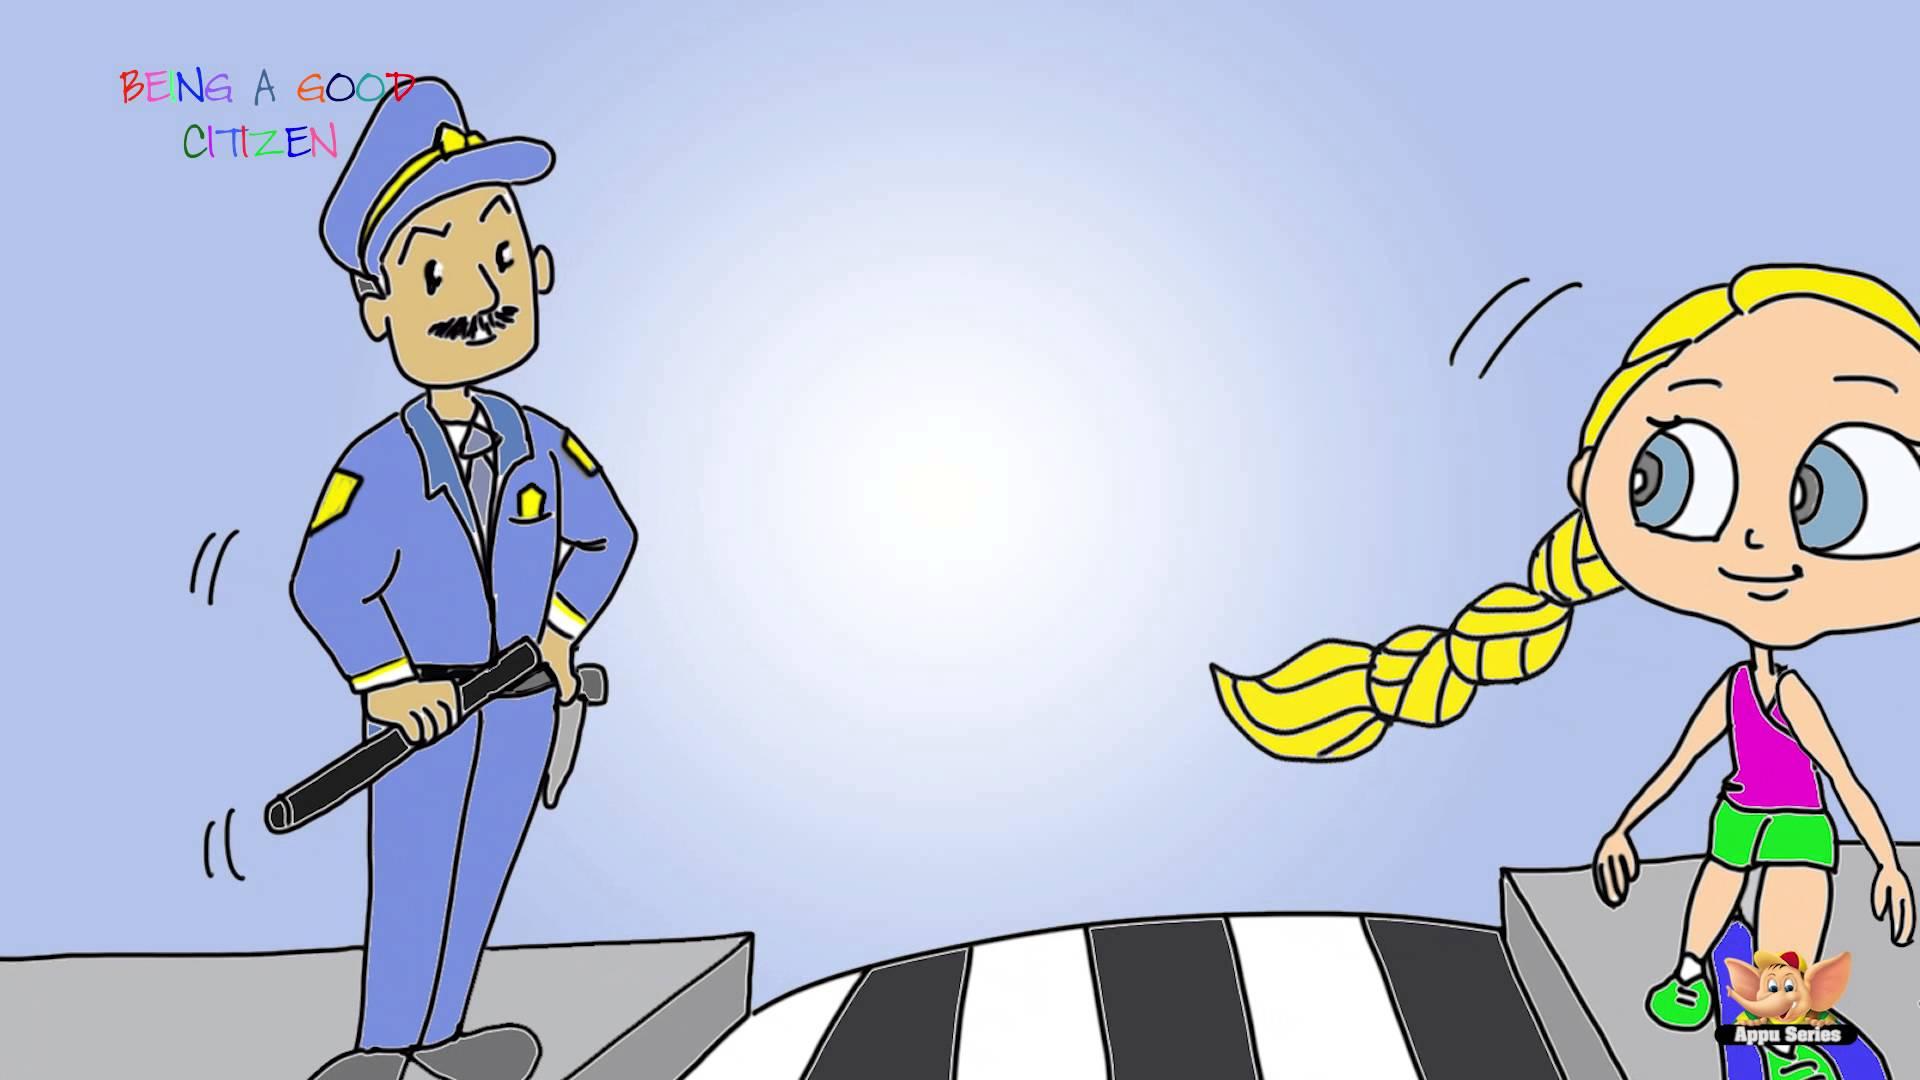 Good Citizenship Clipart